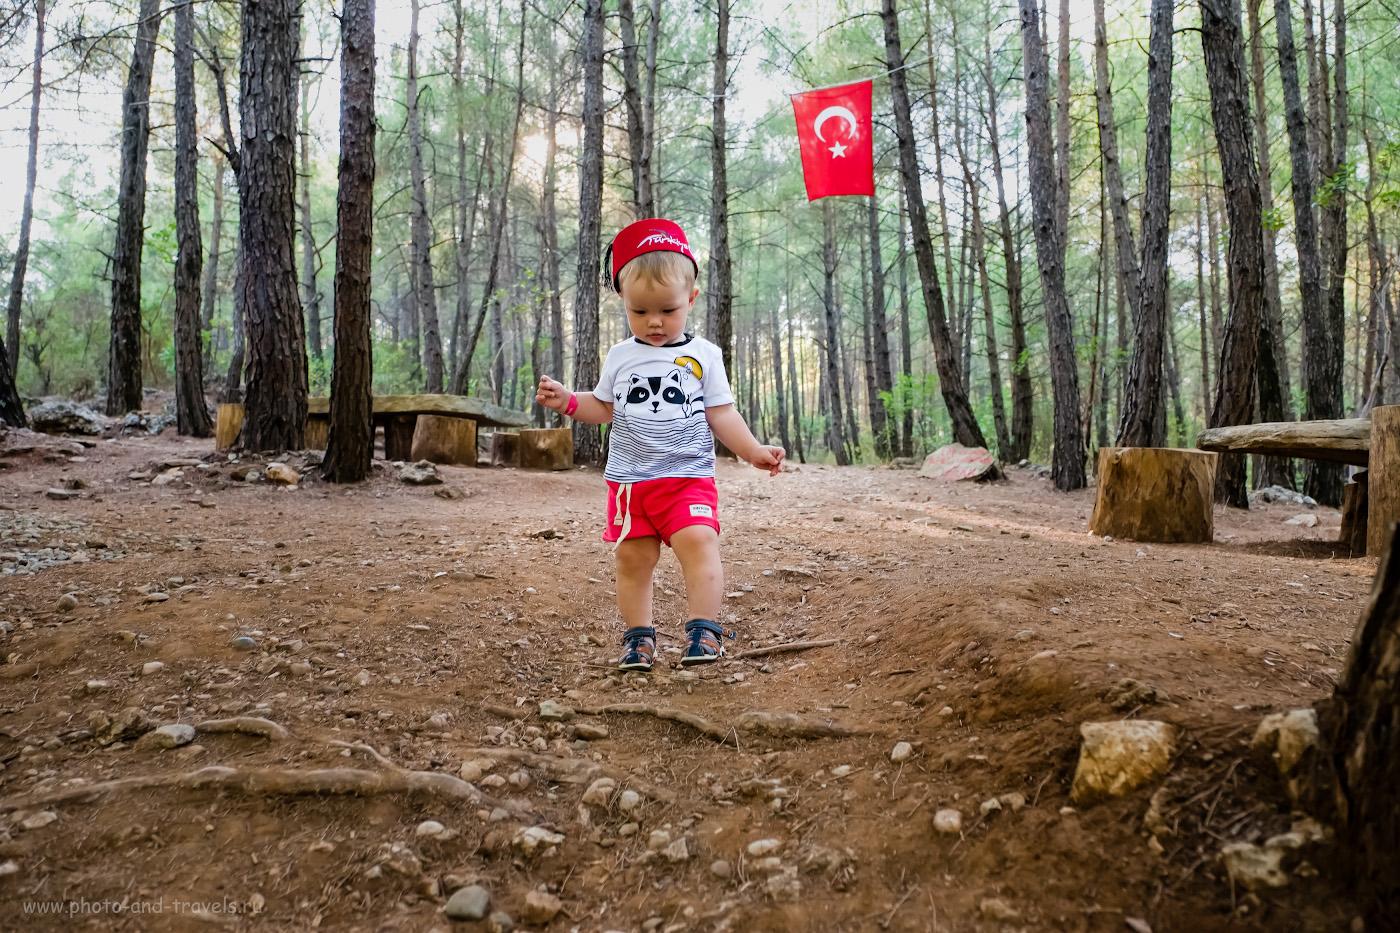 Фотография 1. Отдых в Турции с маленьким ребенком. Отзывы туристов и советы родителям. Фотография снята в пешем походе на смотровую площадку каньона Тазы (Tazı Kanyonu) в окрестностях курорта Белек (Belek). Настройки: выдержка 1/250 секунды, f/2.8, ISO 1000, ФР=16 мм.